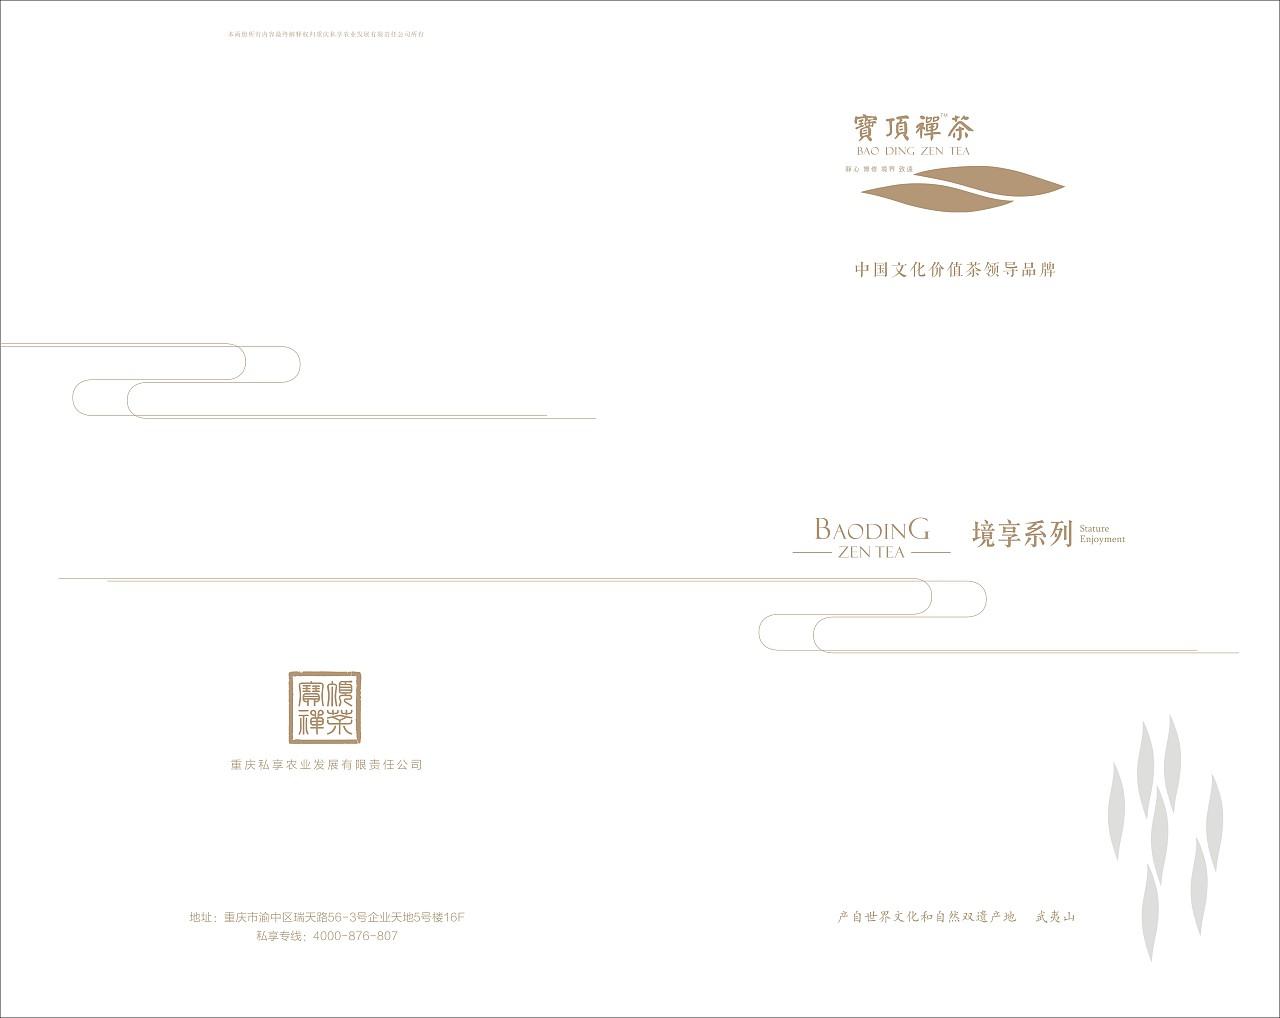 烫金,印金,透明uv加镂空工艺,纸张为高阶映画纸